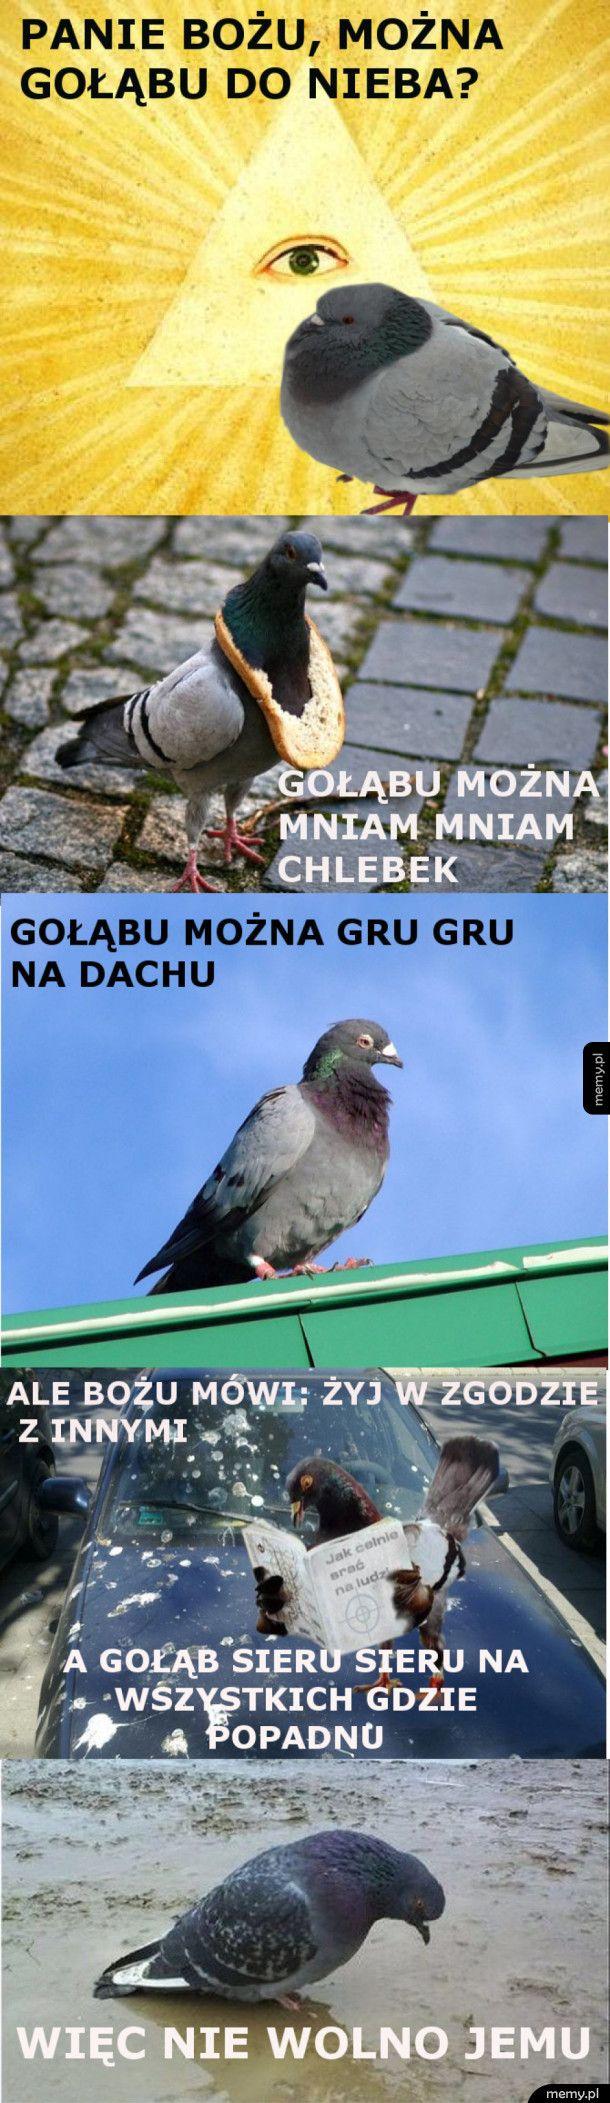 Gołąbu